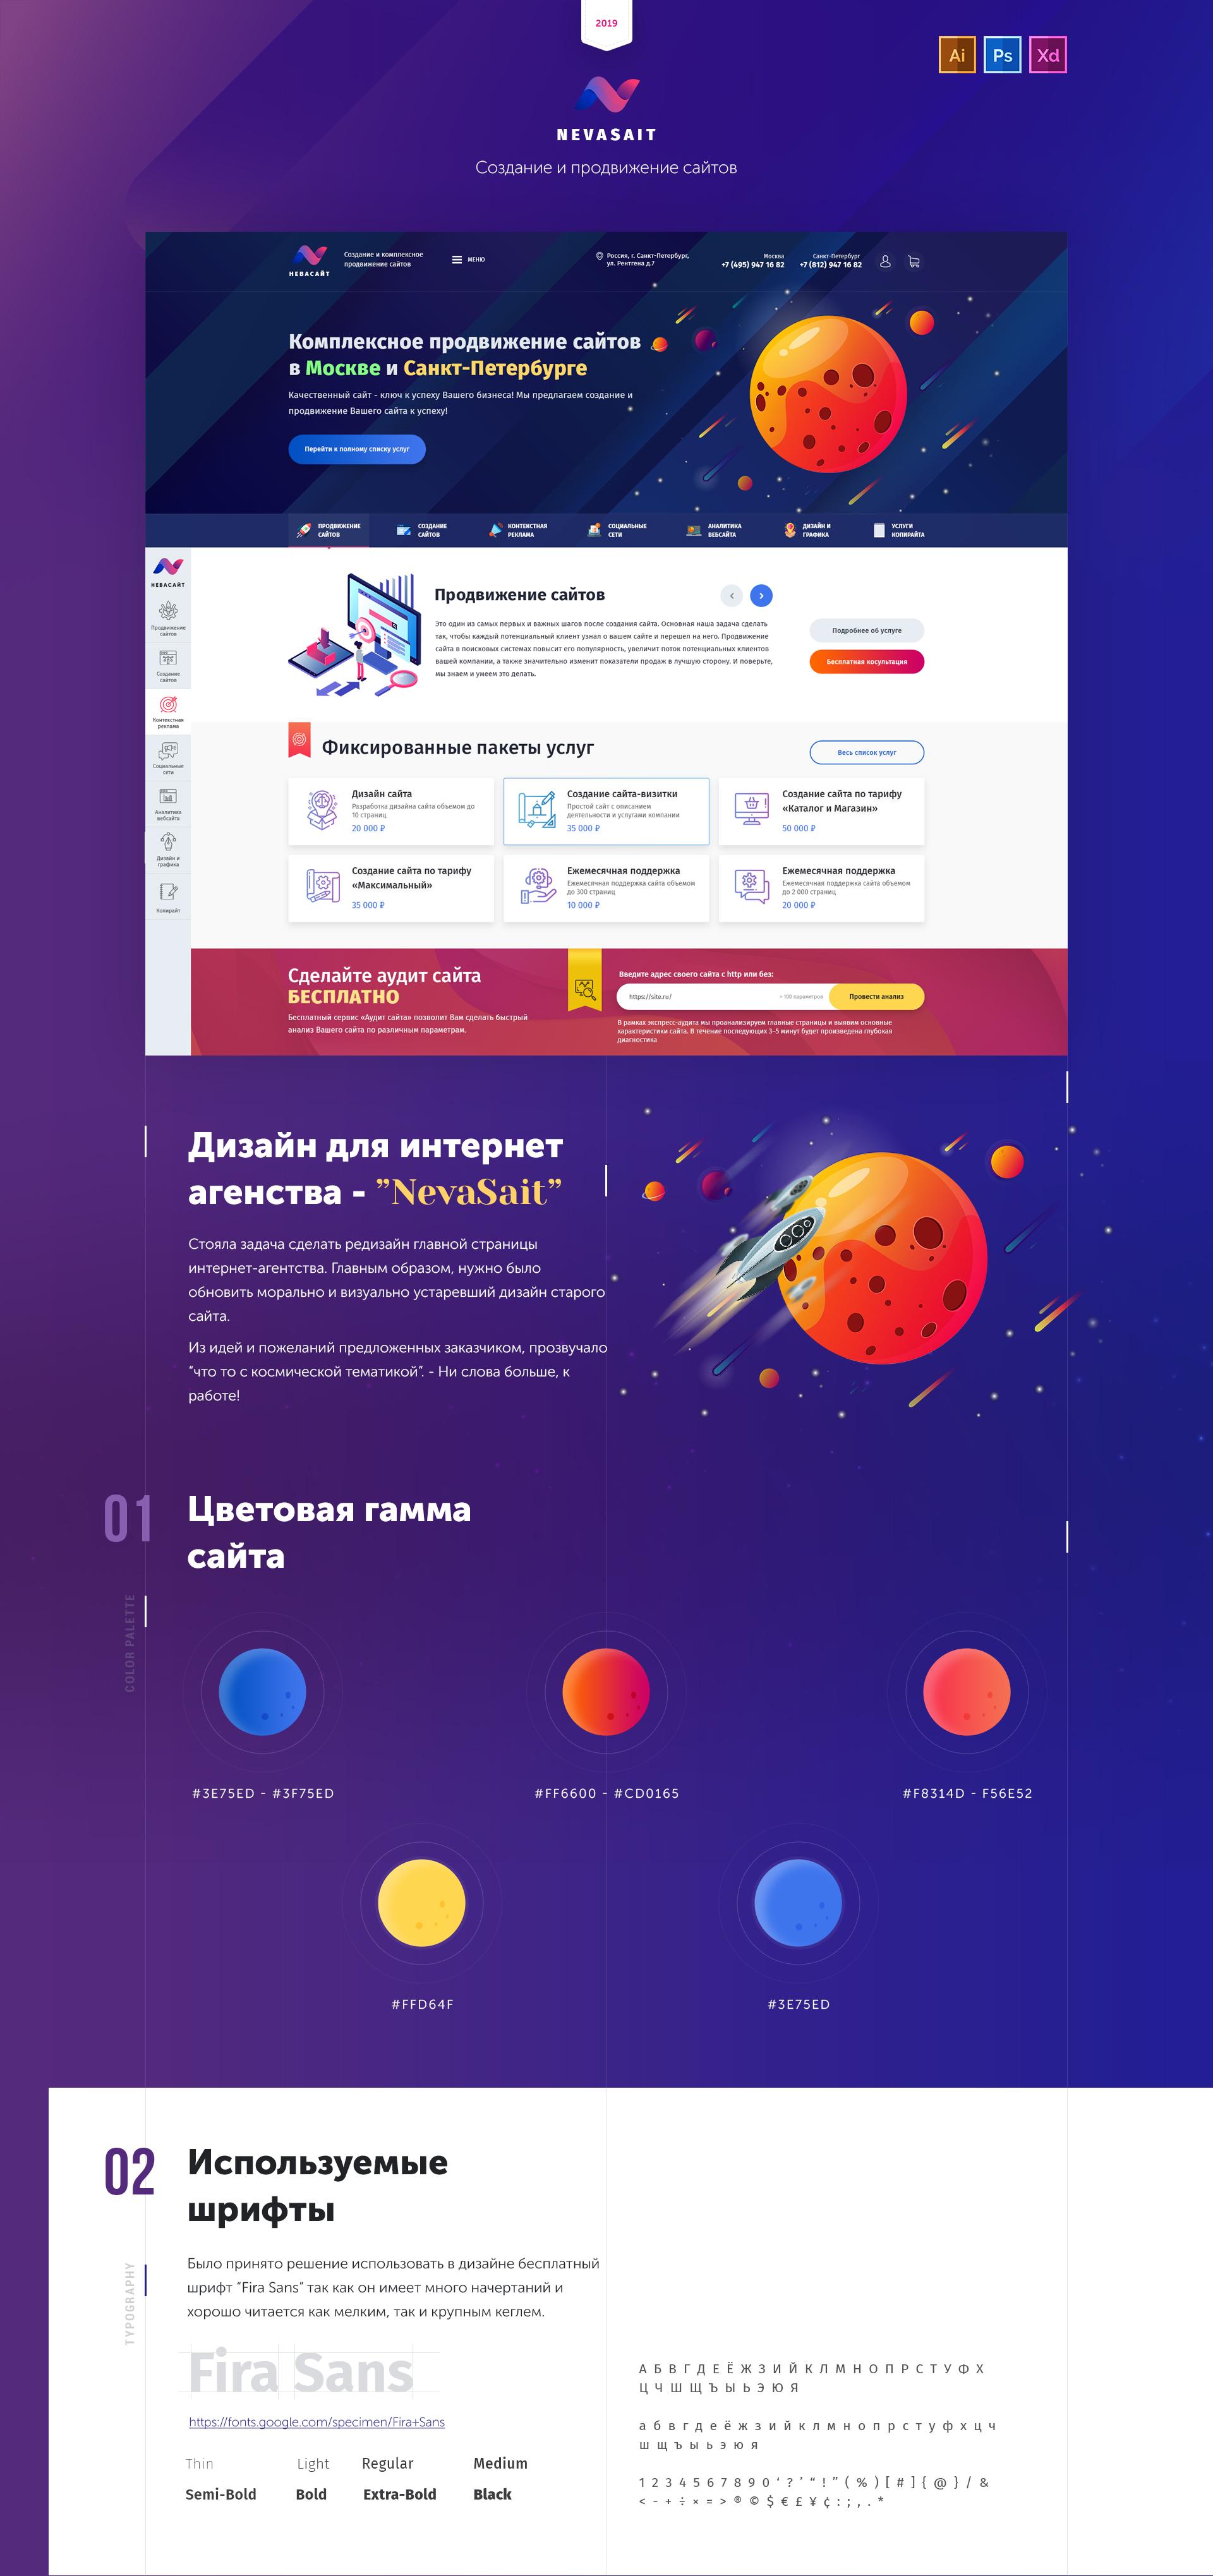 Редизайн главной страницы интернет-агентства Nevasait